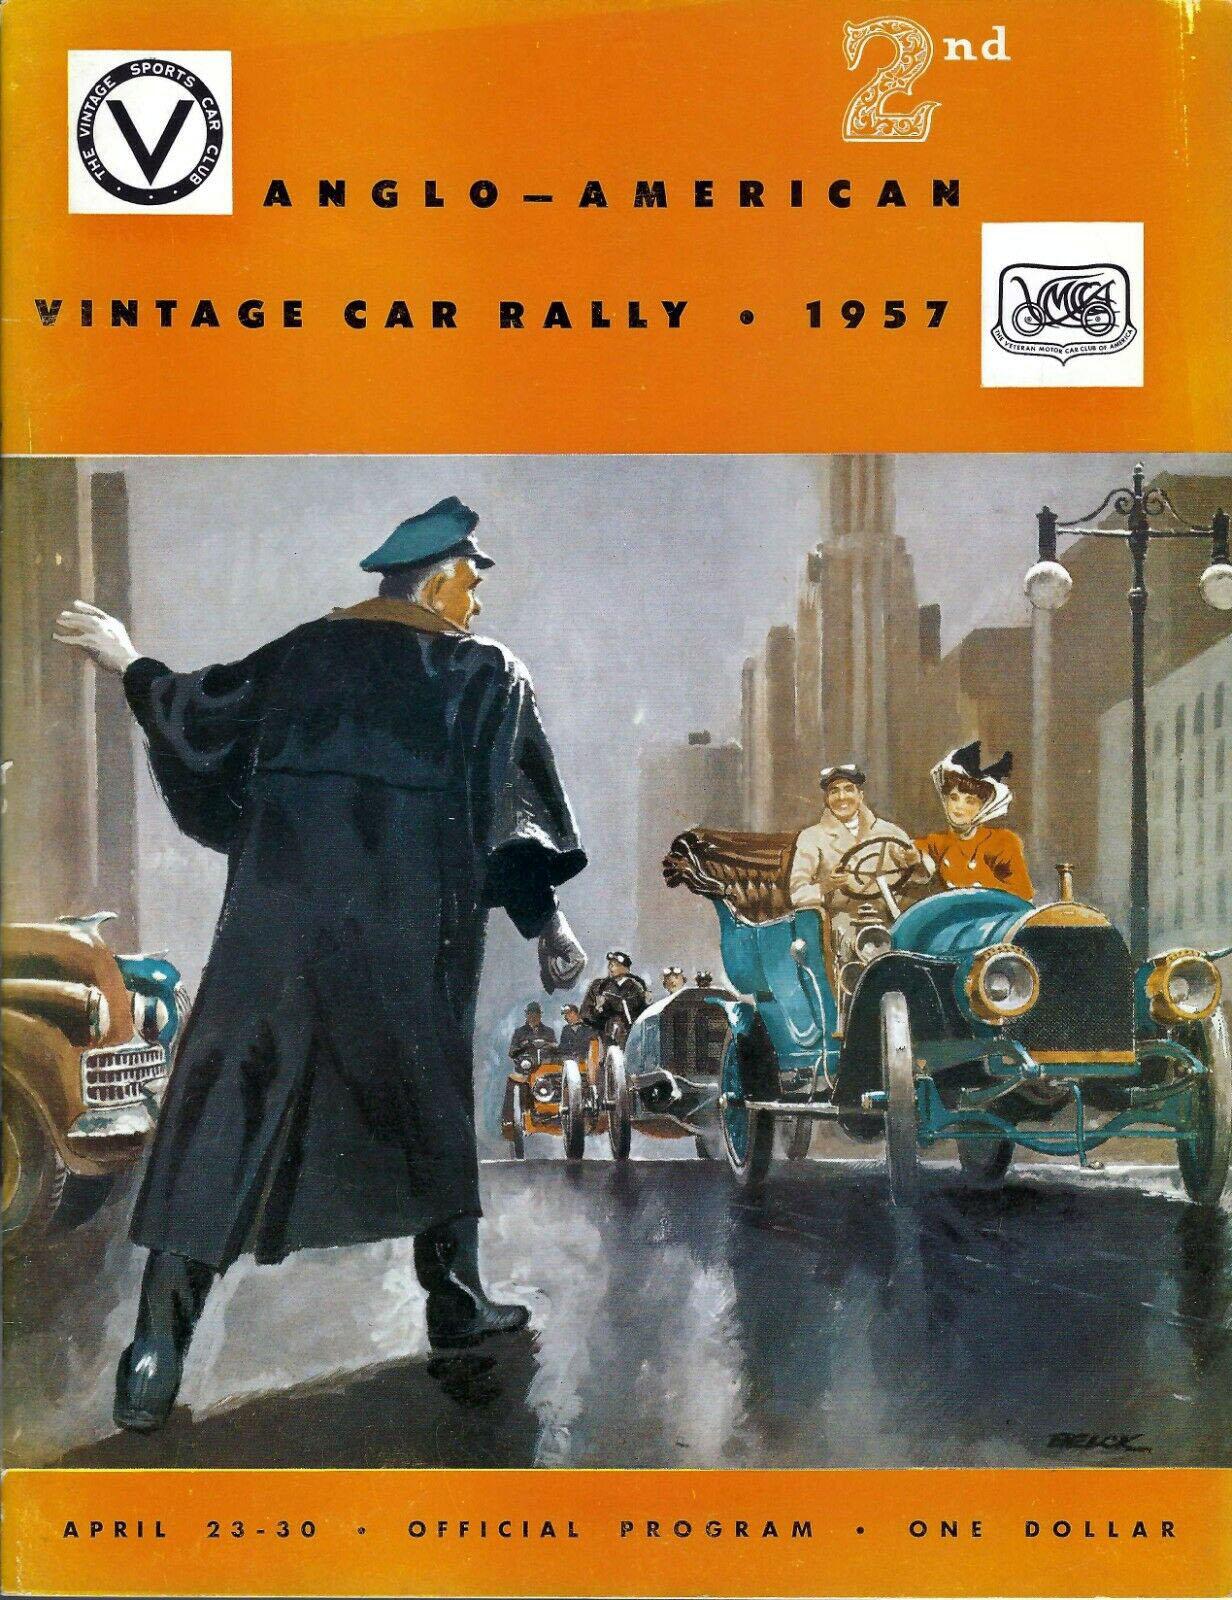 1957 Anglo-American Vintage Car Rally